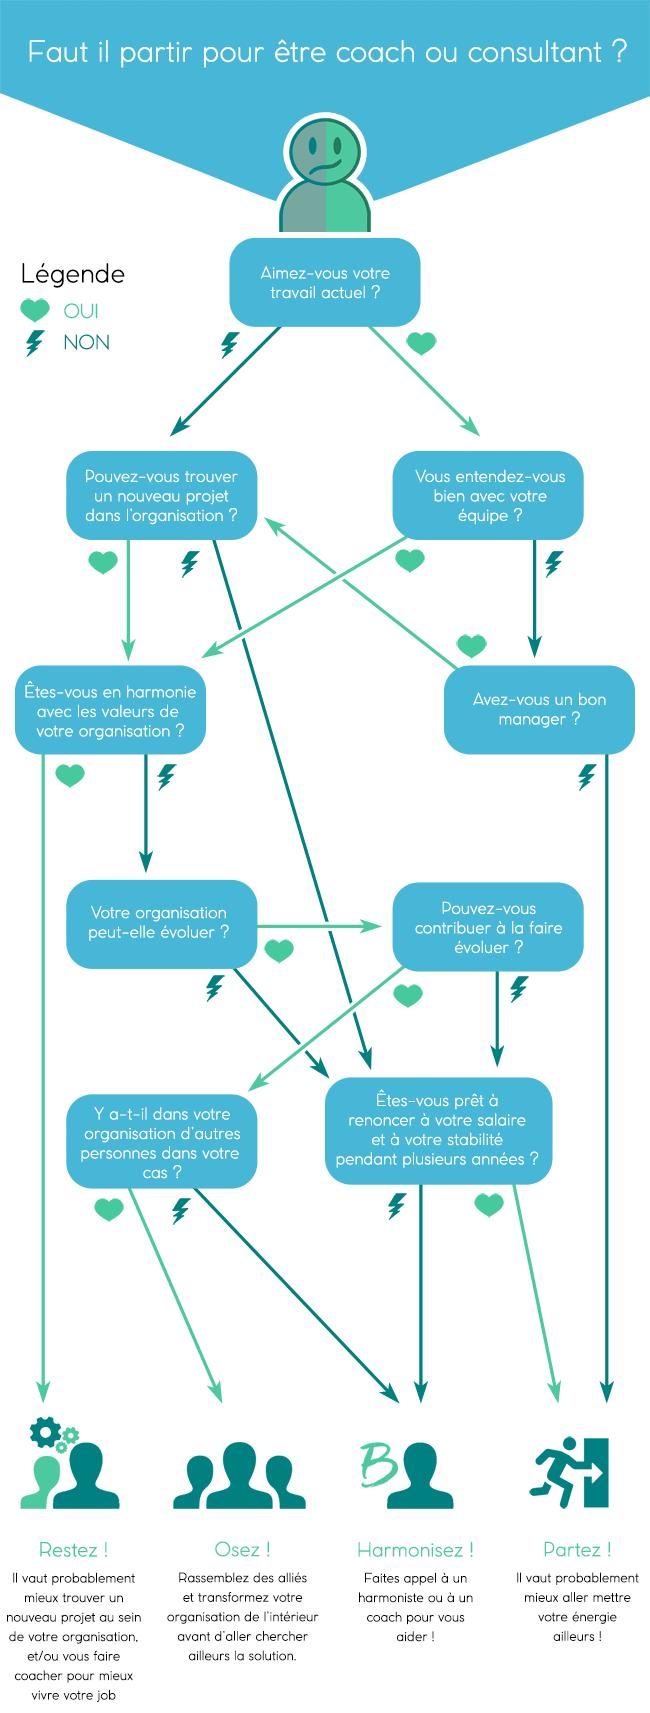 Infographie - Faut-il partir ou faire grandir votre entreprise ?